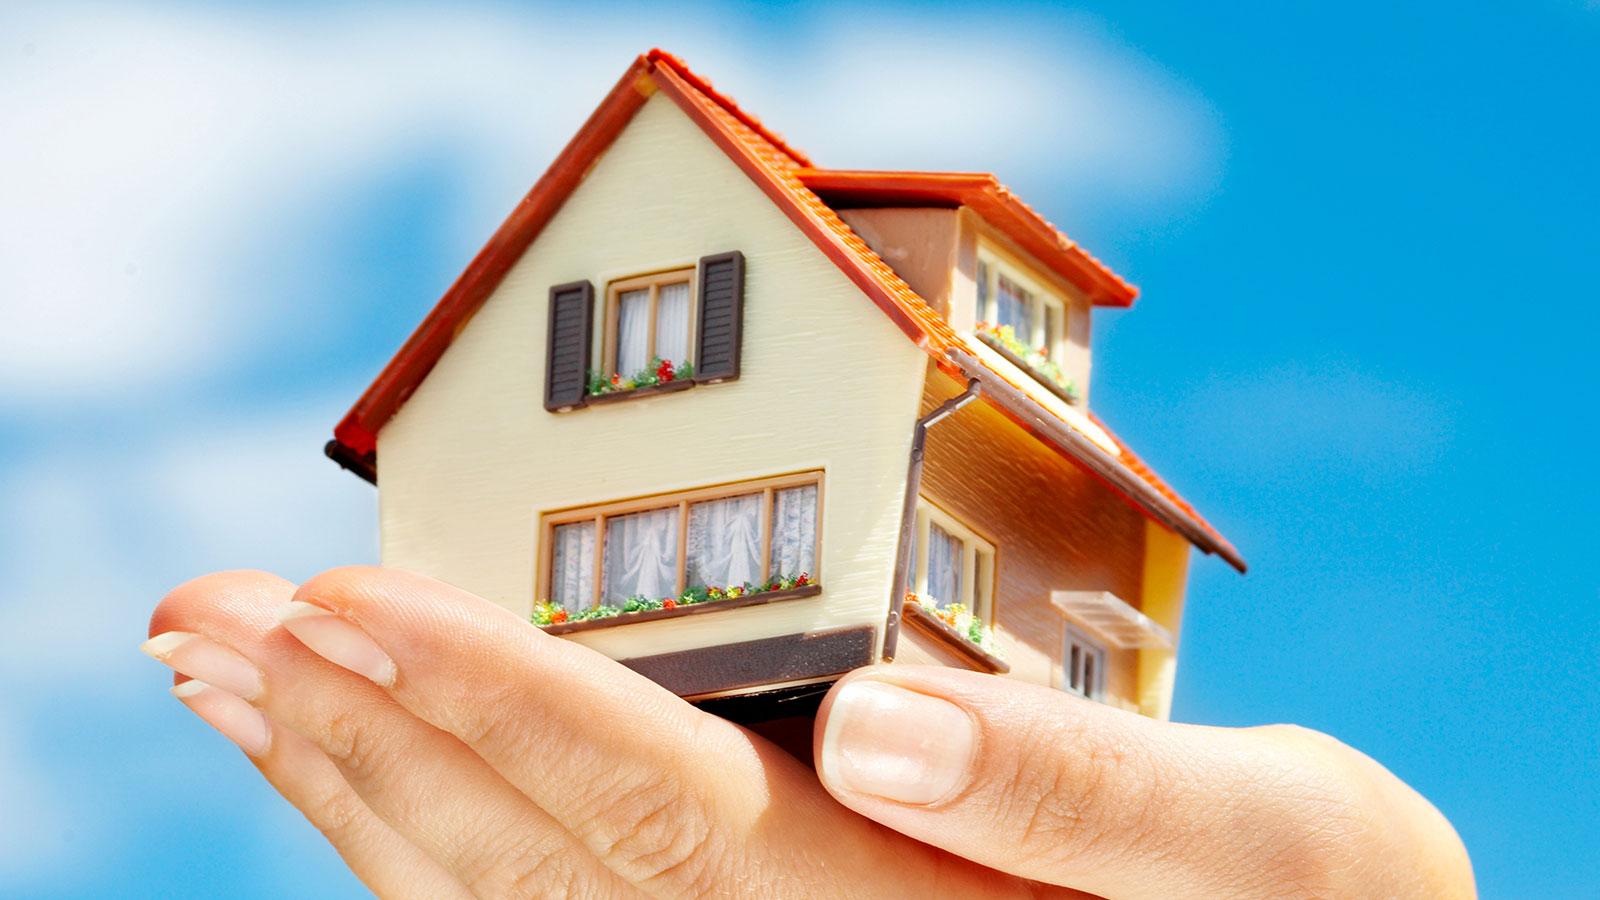 Calcolo mutuo prima casa come calcolare rata sostenibile - Mutui posta prima casa ...